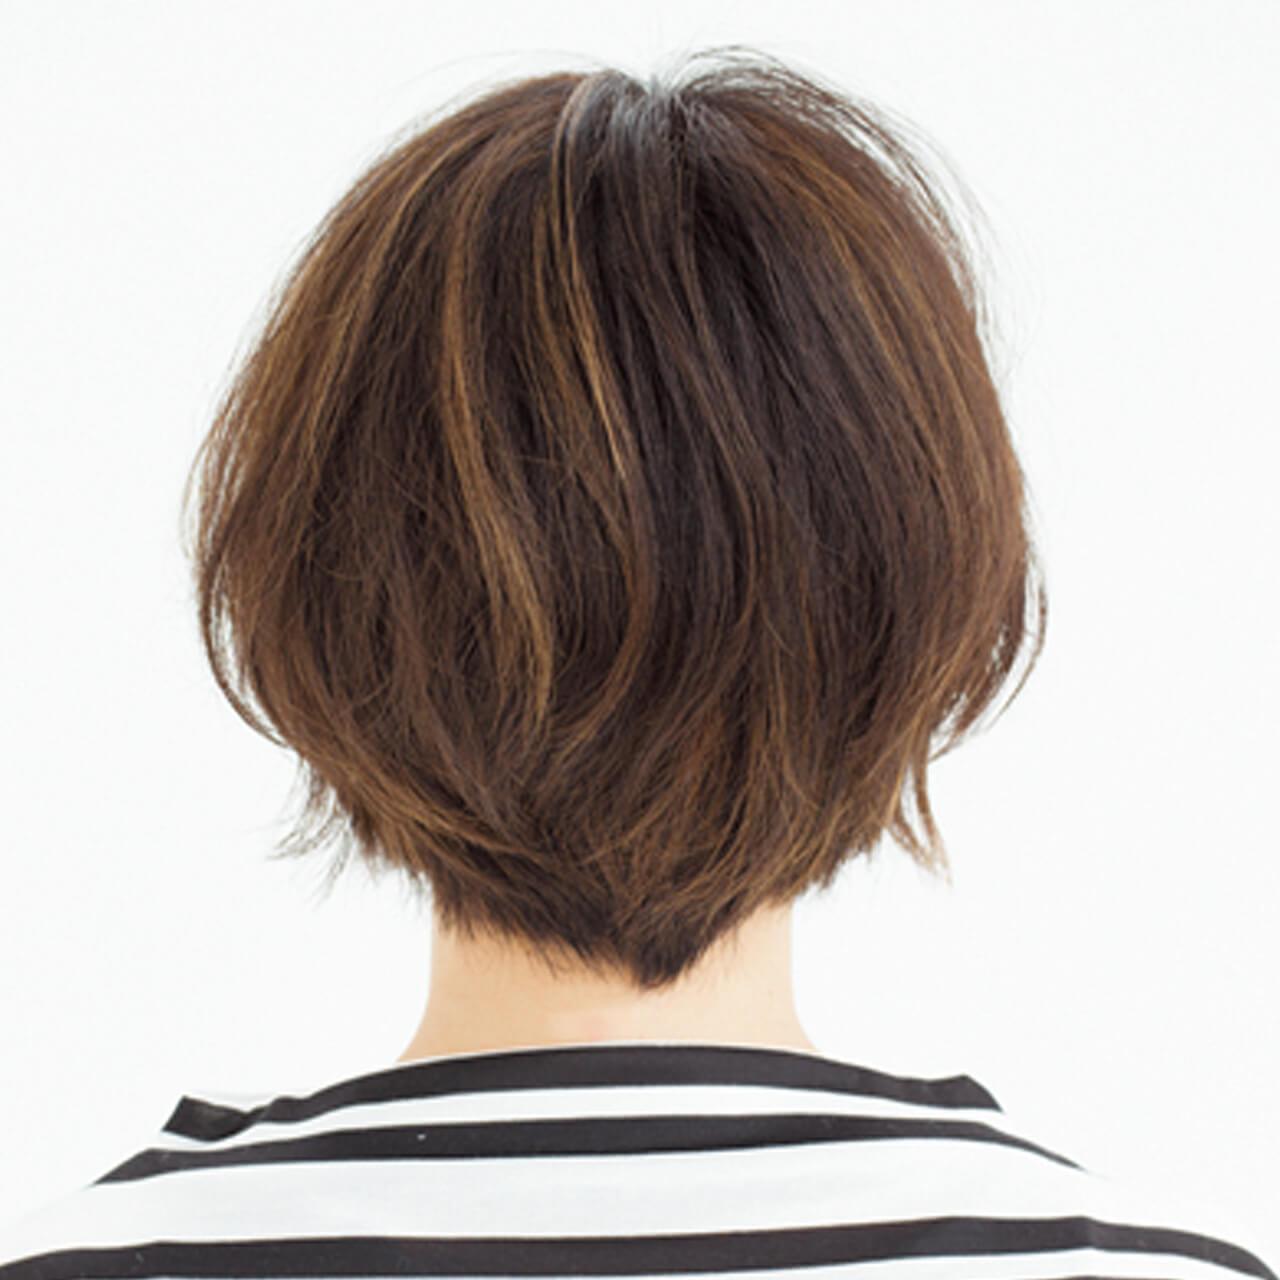 気になる白髪はグラデハイライトと深め前髪で解決!【40代のショートヘア】_1_3